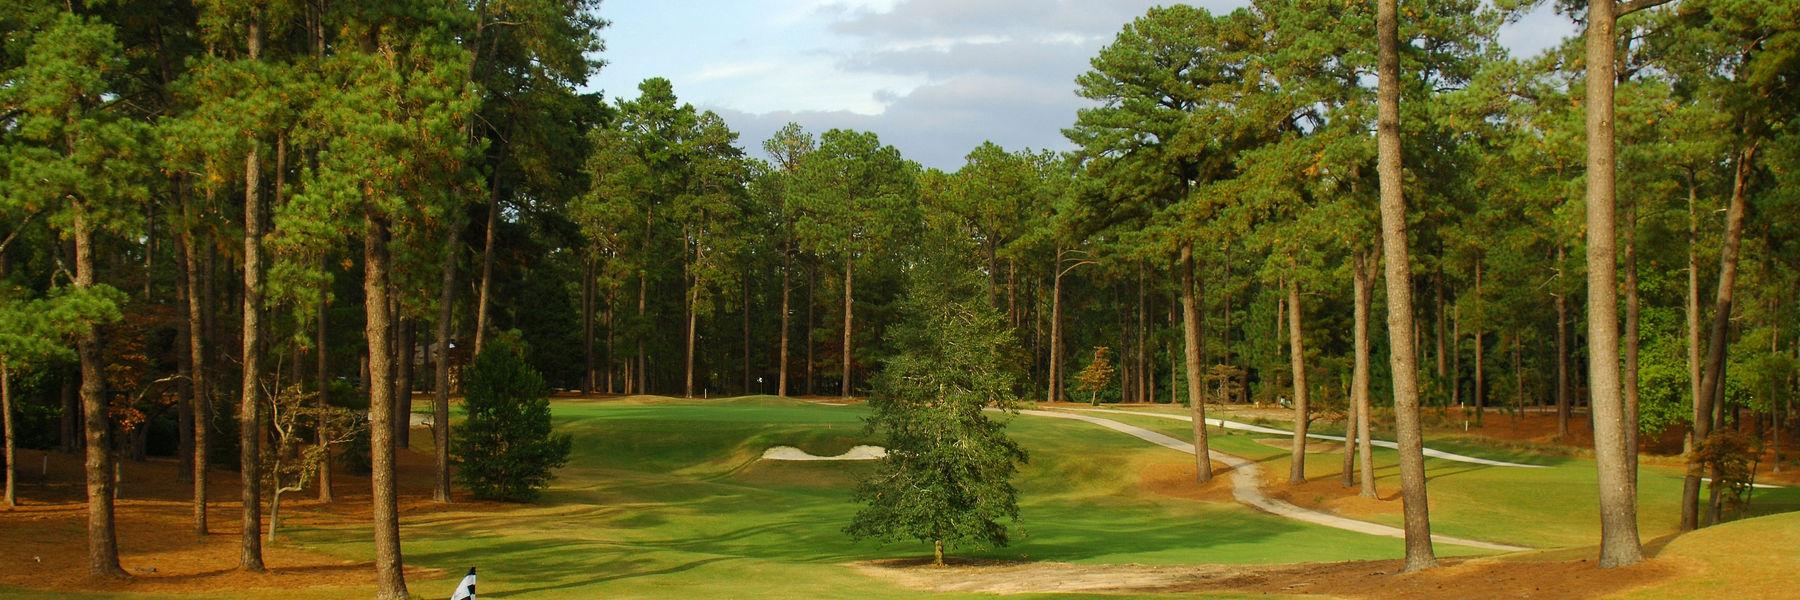 Golf Vacation Package - Pinehurst No. 1